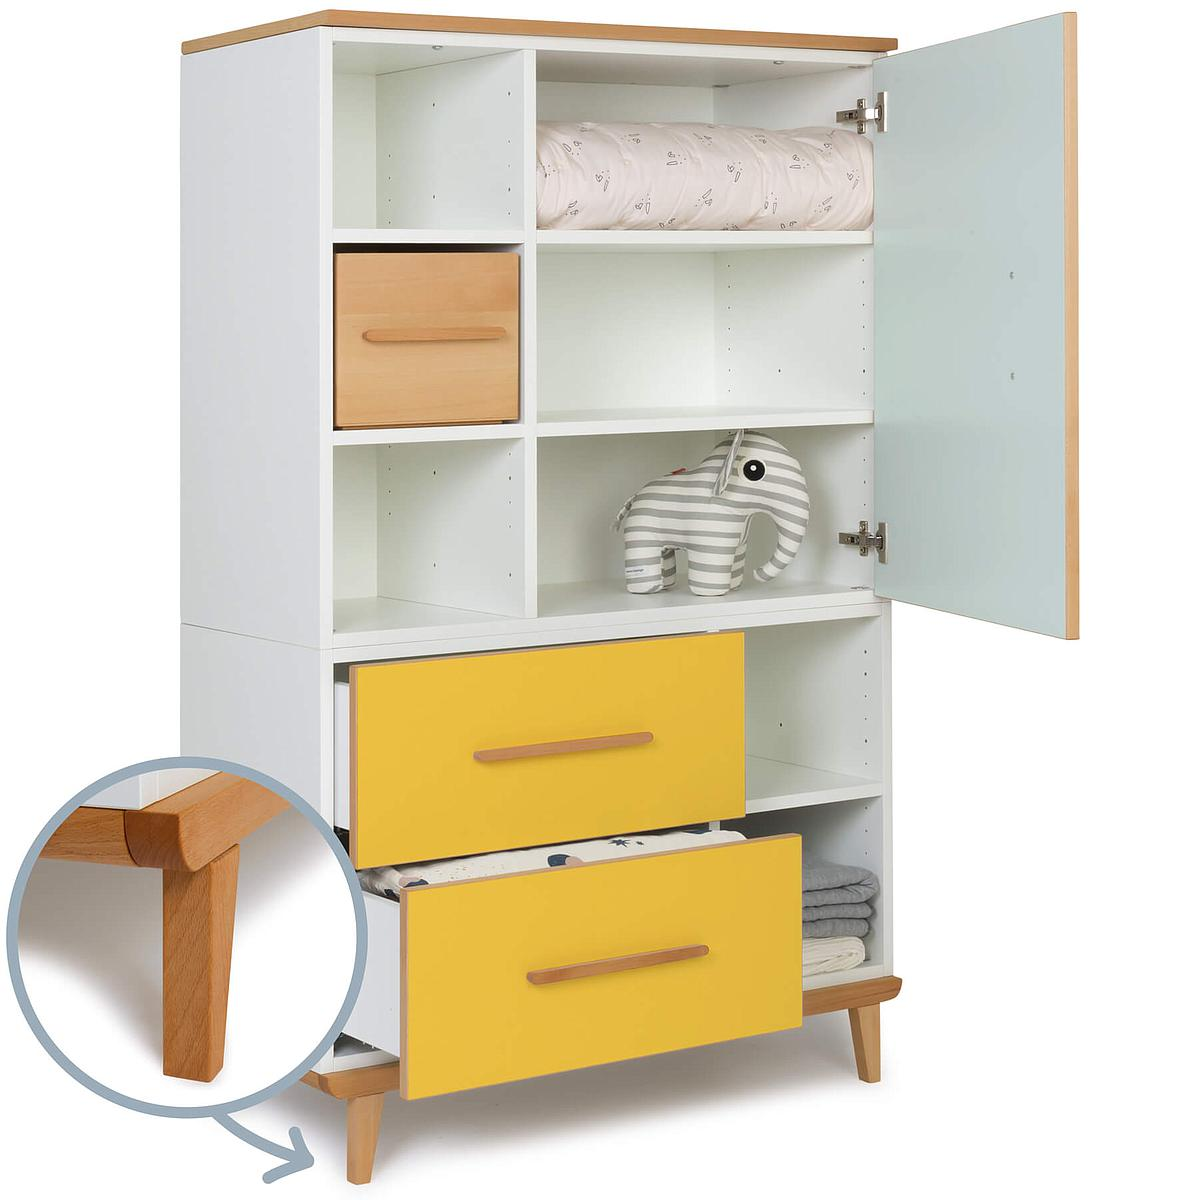 Armoire 147cm 1 porte 2 tiroirs NADO mint-sunshine yellow